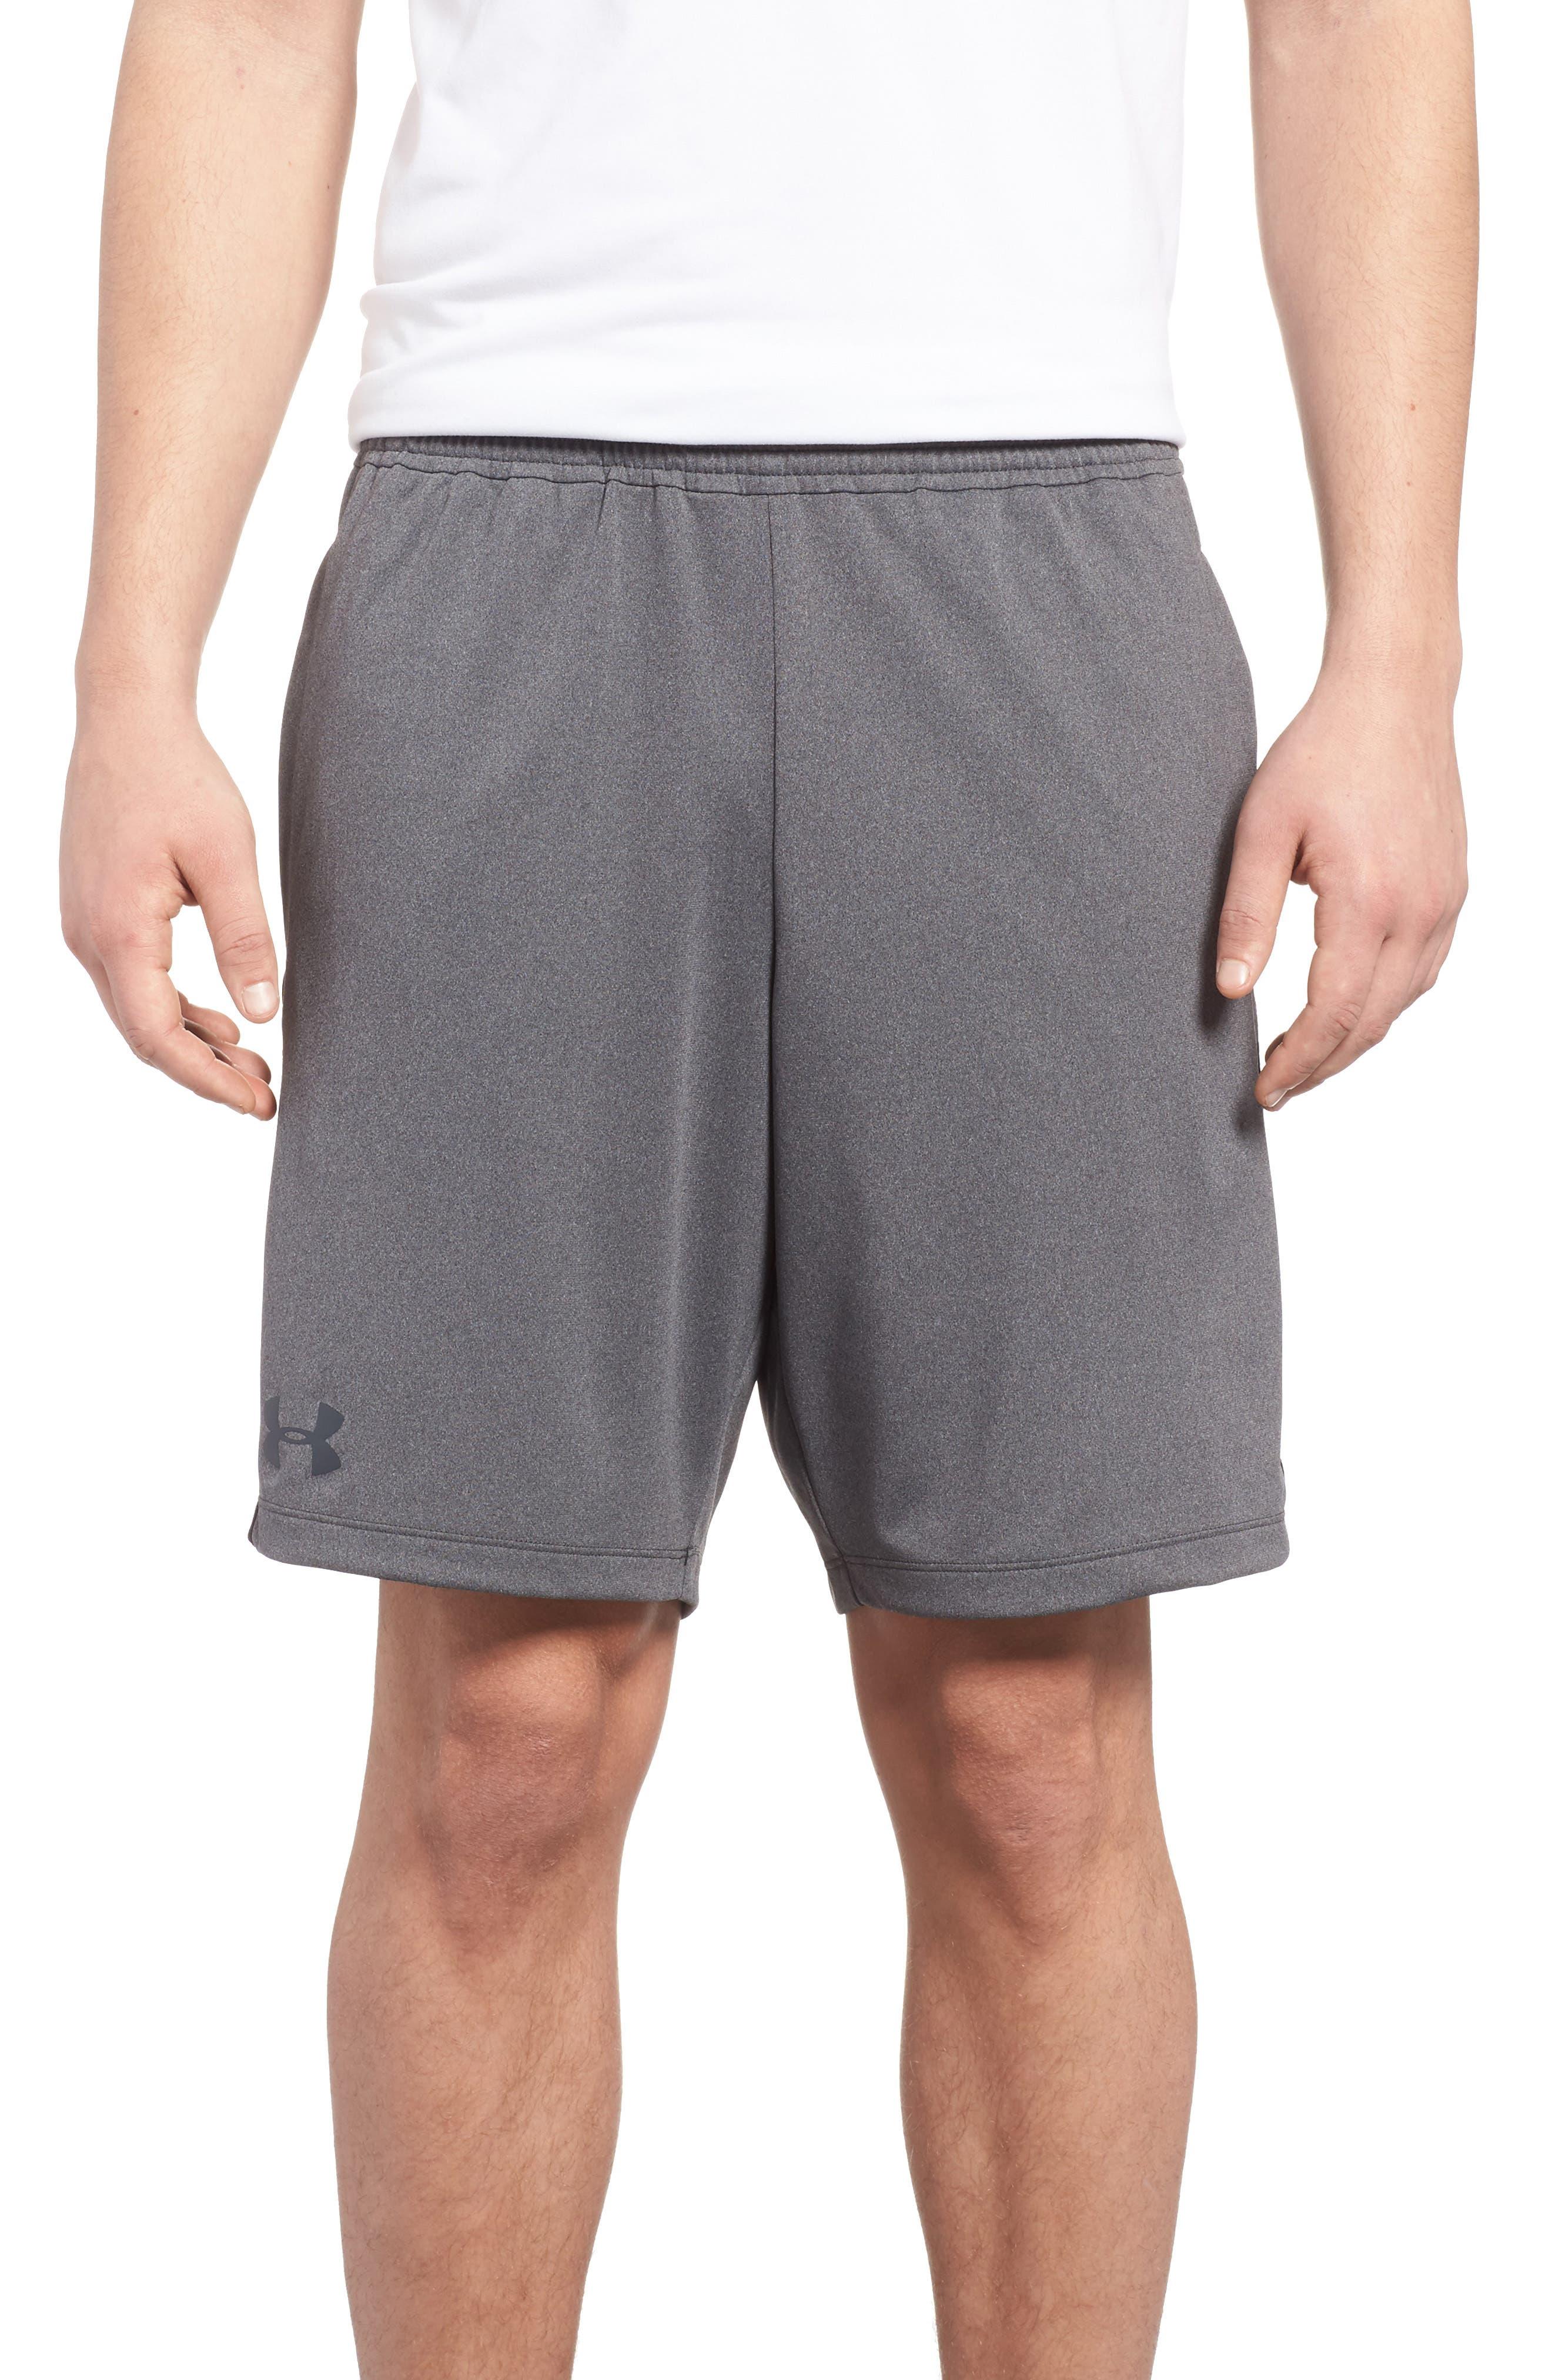 UNDER ARMOUR Raid 2.0 Classic Fit Shorts, Main, color, GRAPHITE / BLACK